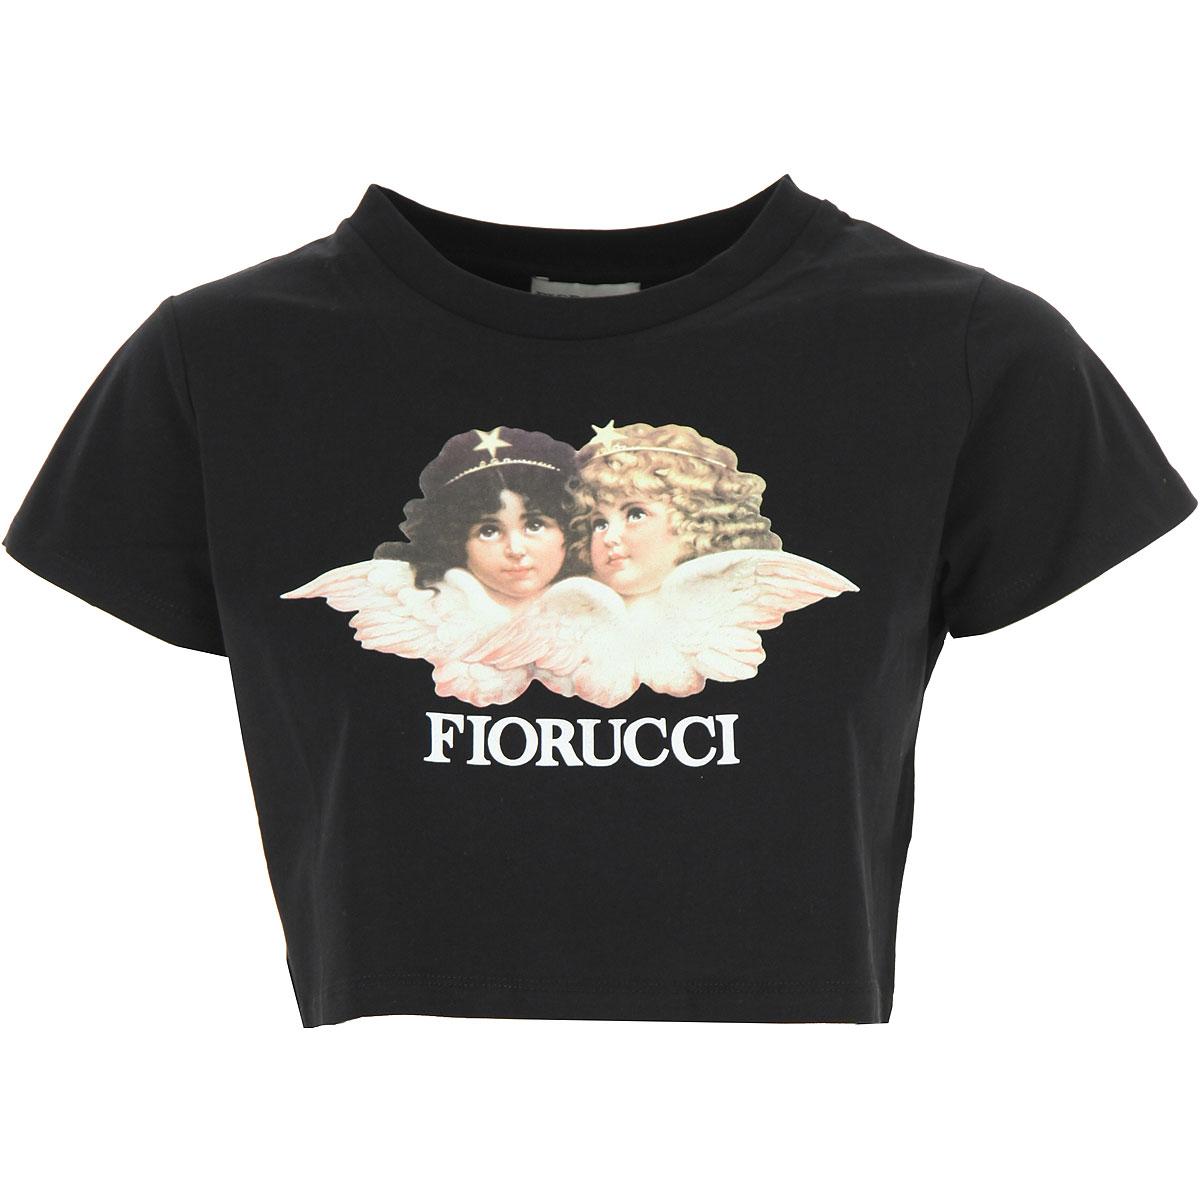 Fiorucci T-Shirt for Women On Sale, Black, Cotton, 2019, 2 4 6